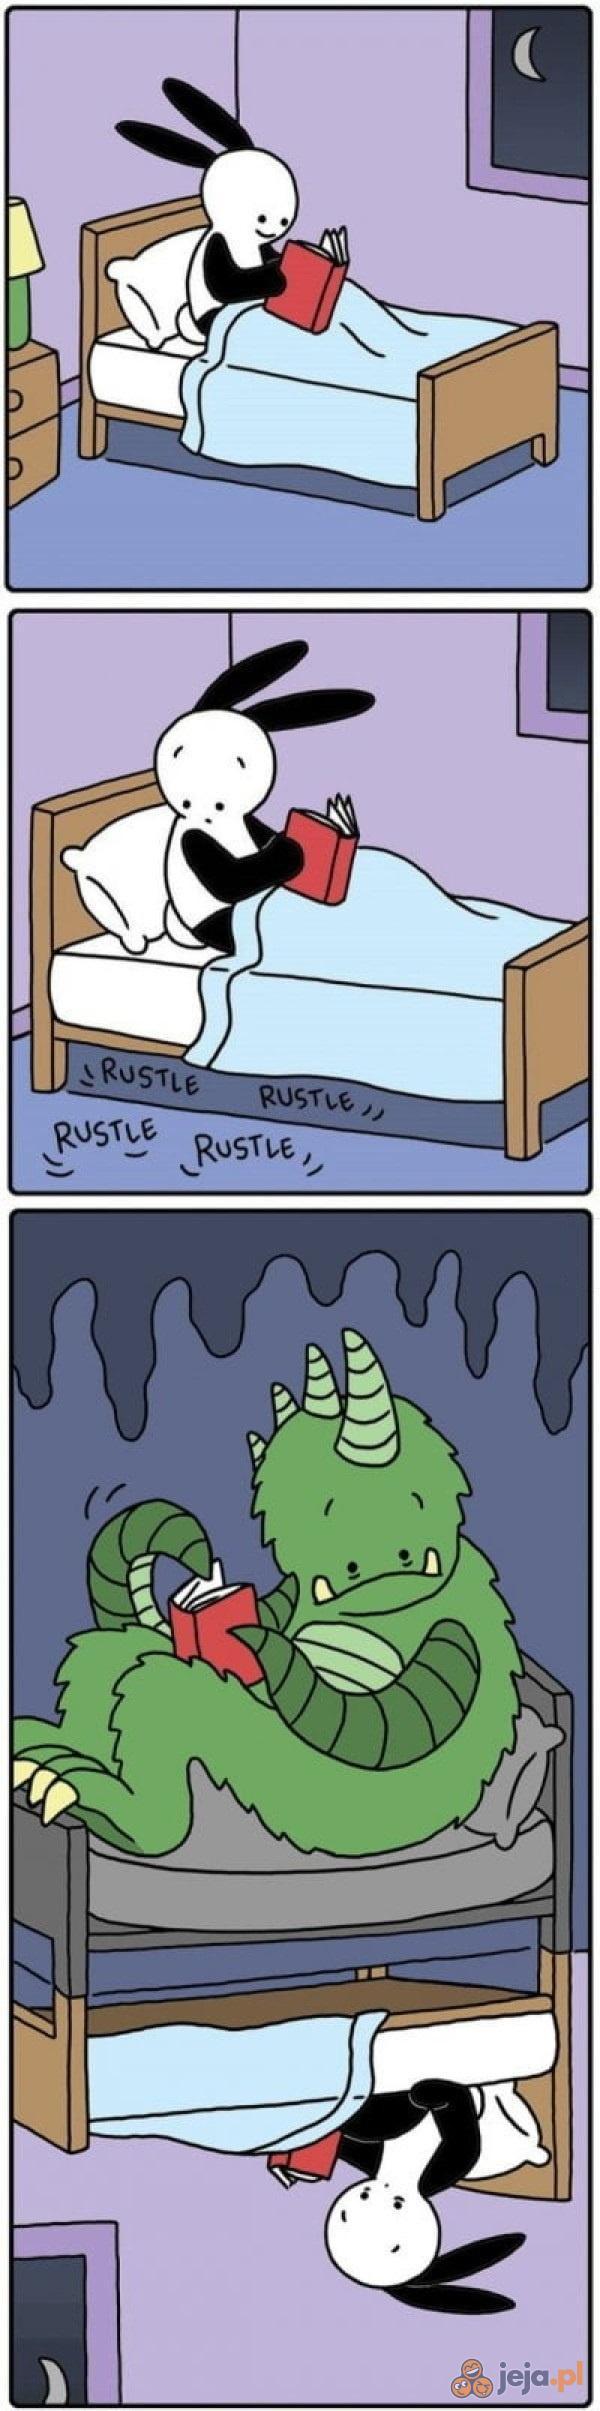 Dziwne szmery pod łóżkiem